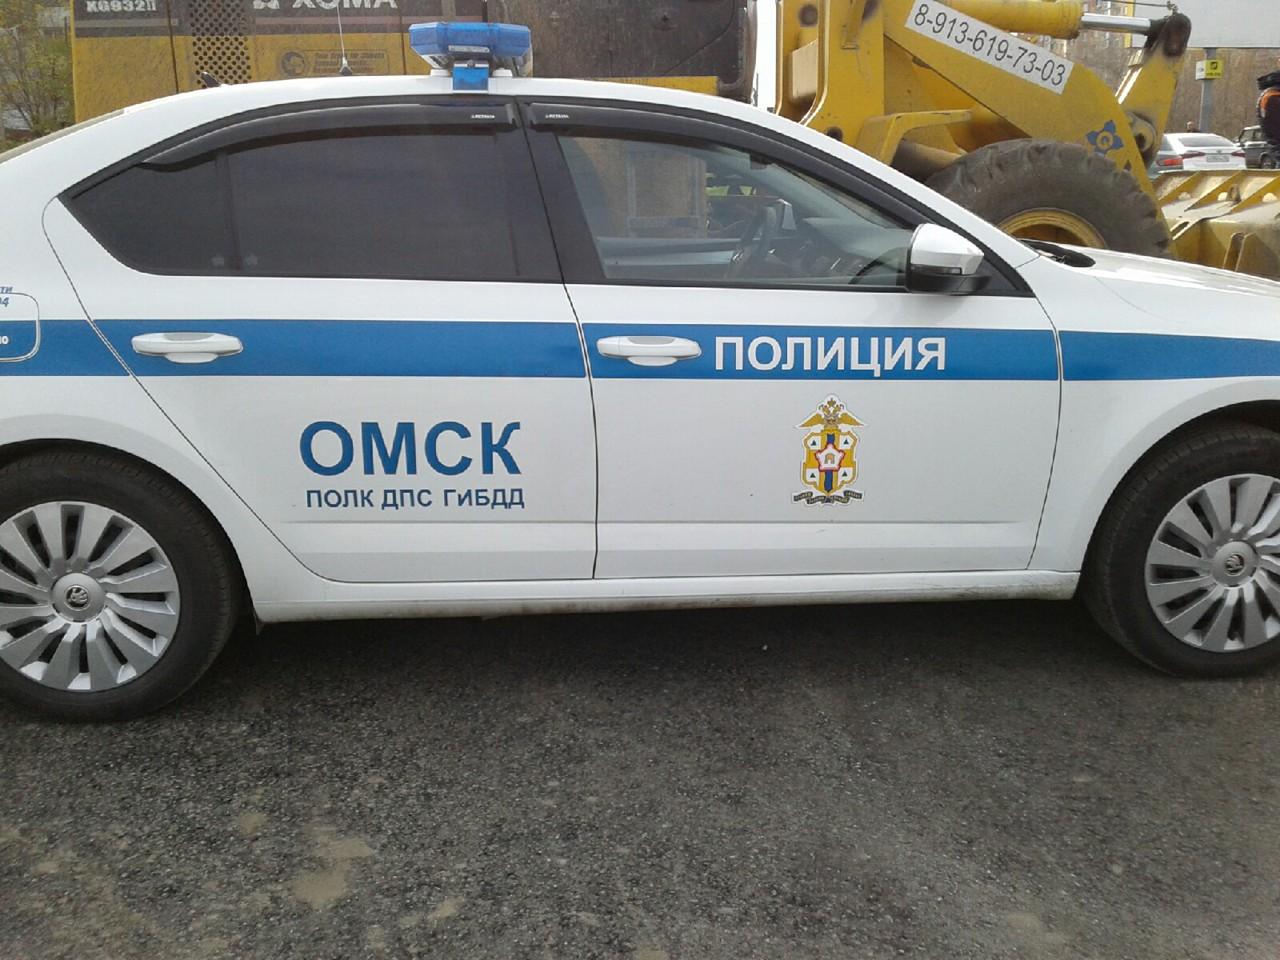 Омской полиции купят автомобилей на 33 млн #Новости #Общество #Омск